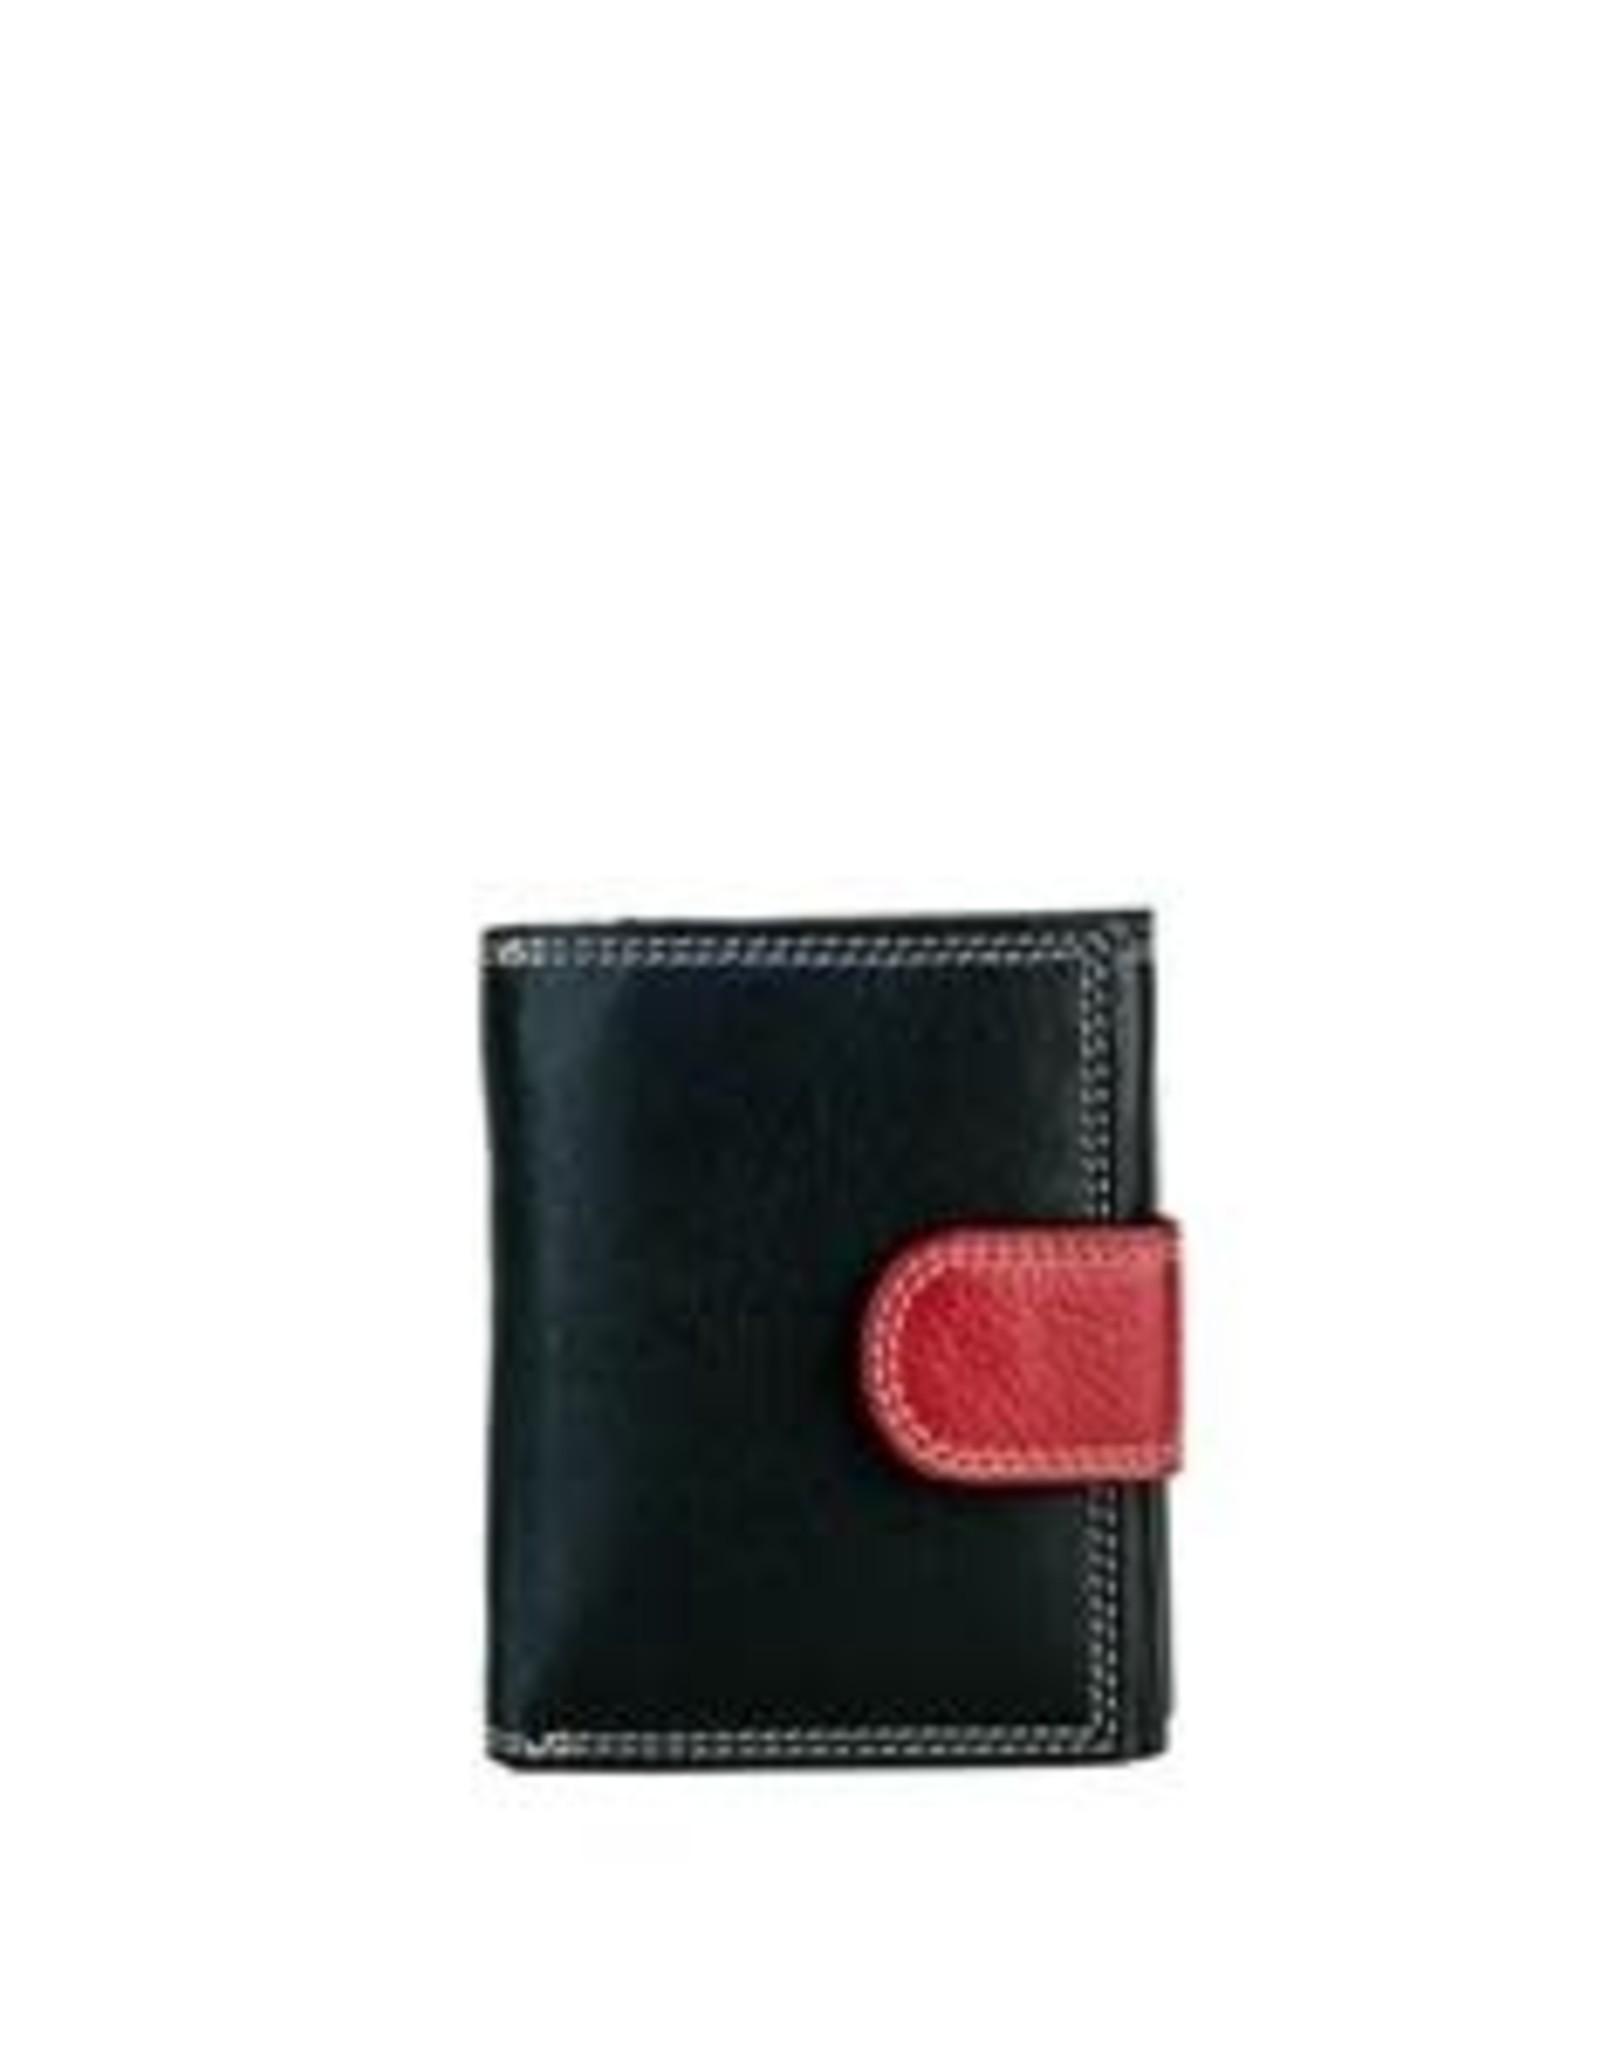 Petit portefeuille noir et rouge # 2198